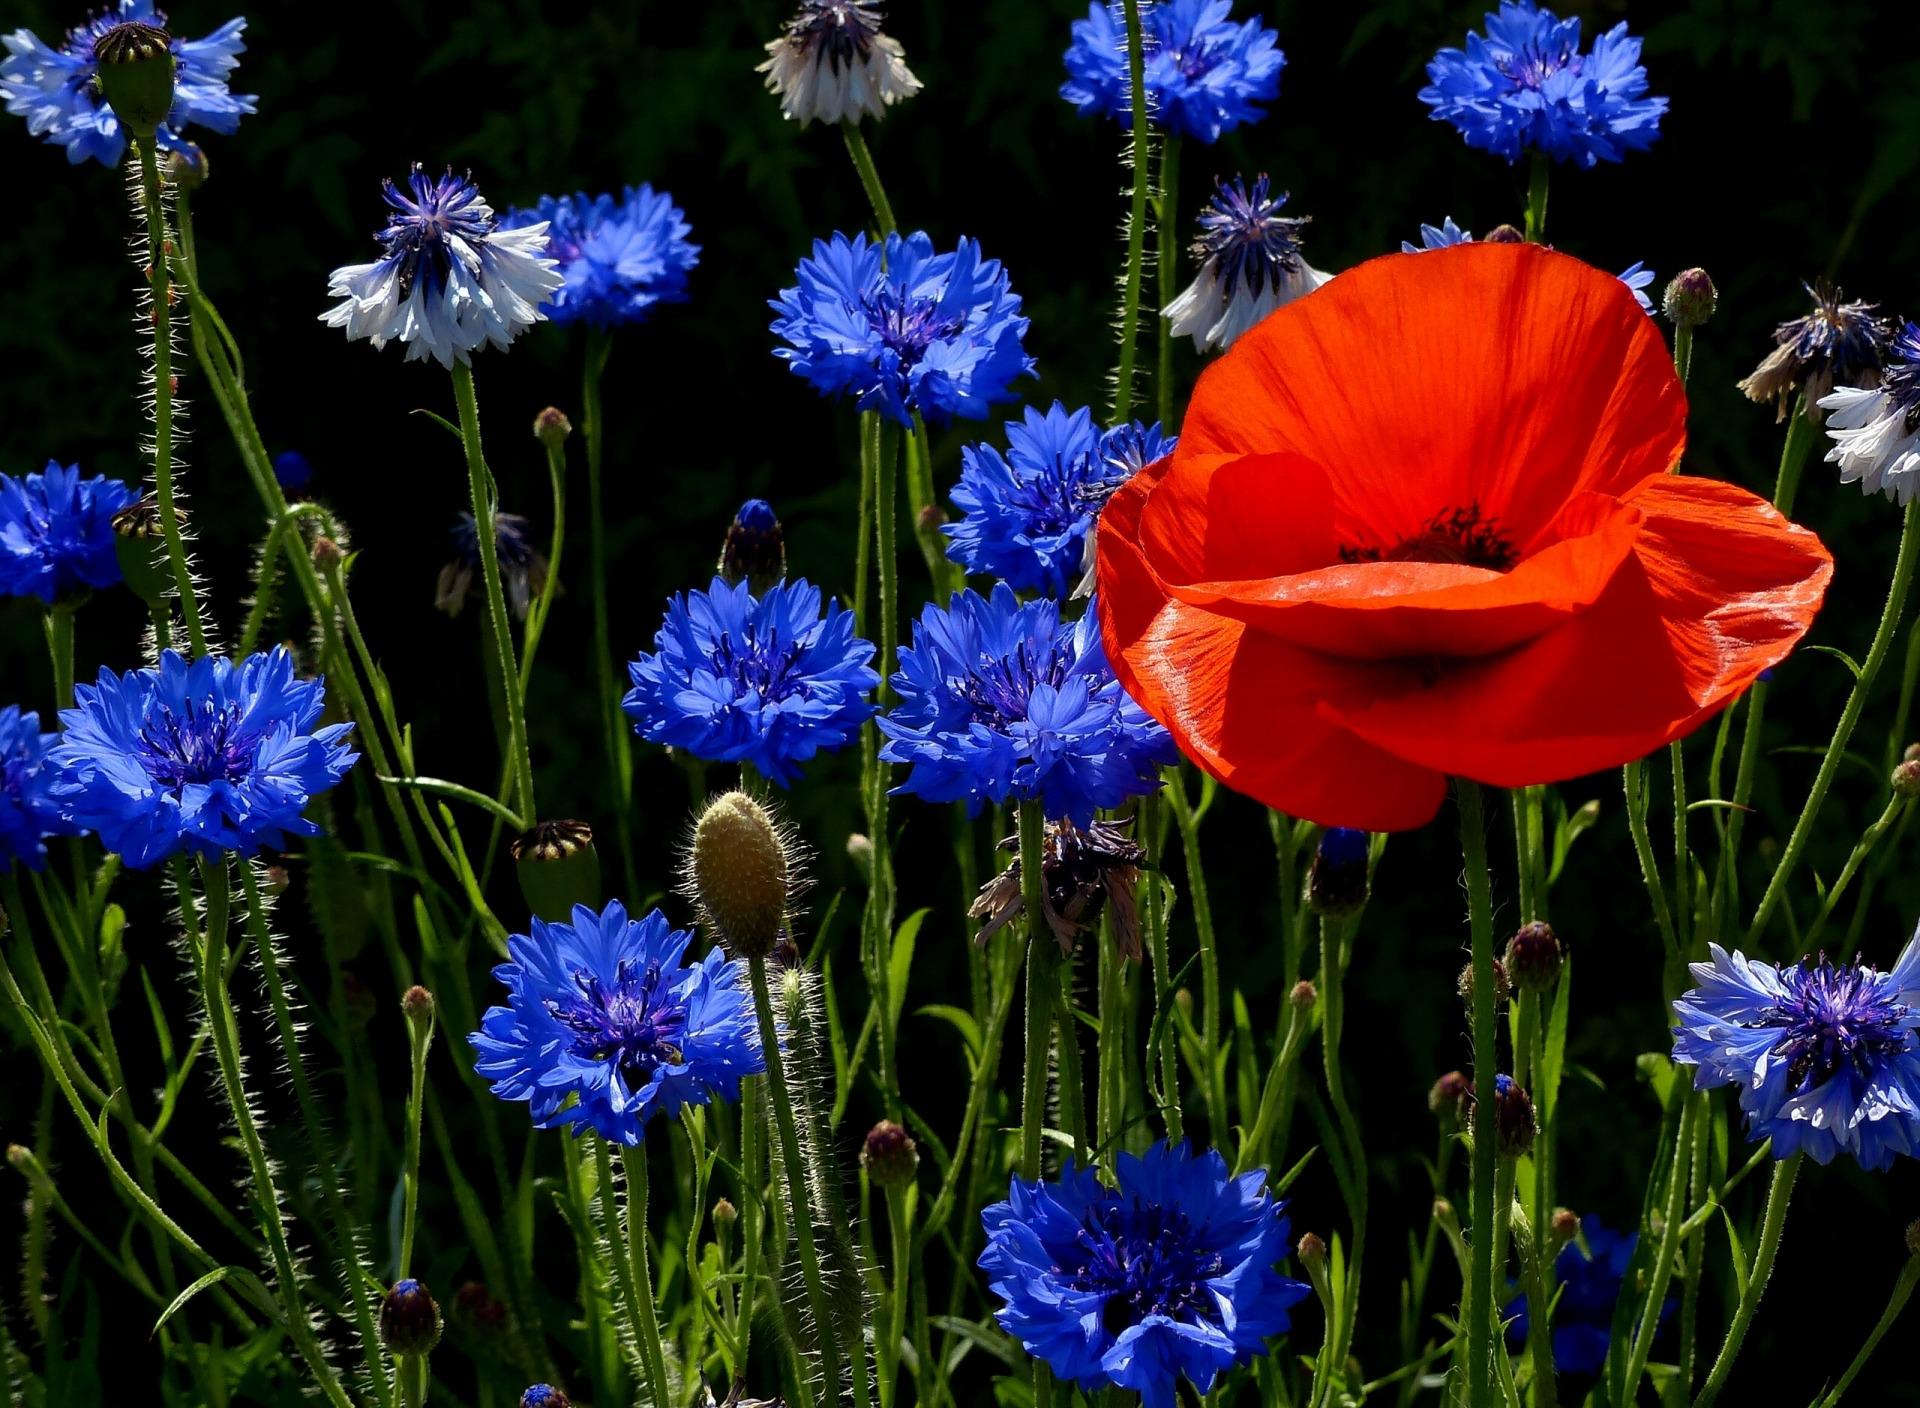 гуляющее красивые фото цветов в хорошем качестве браво отметит